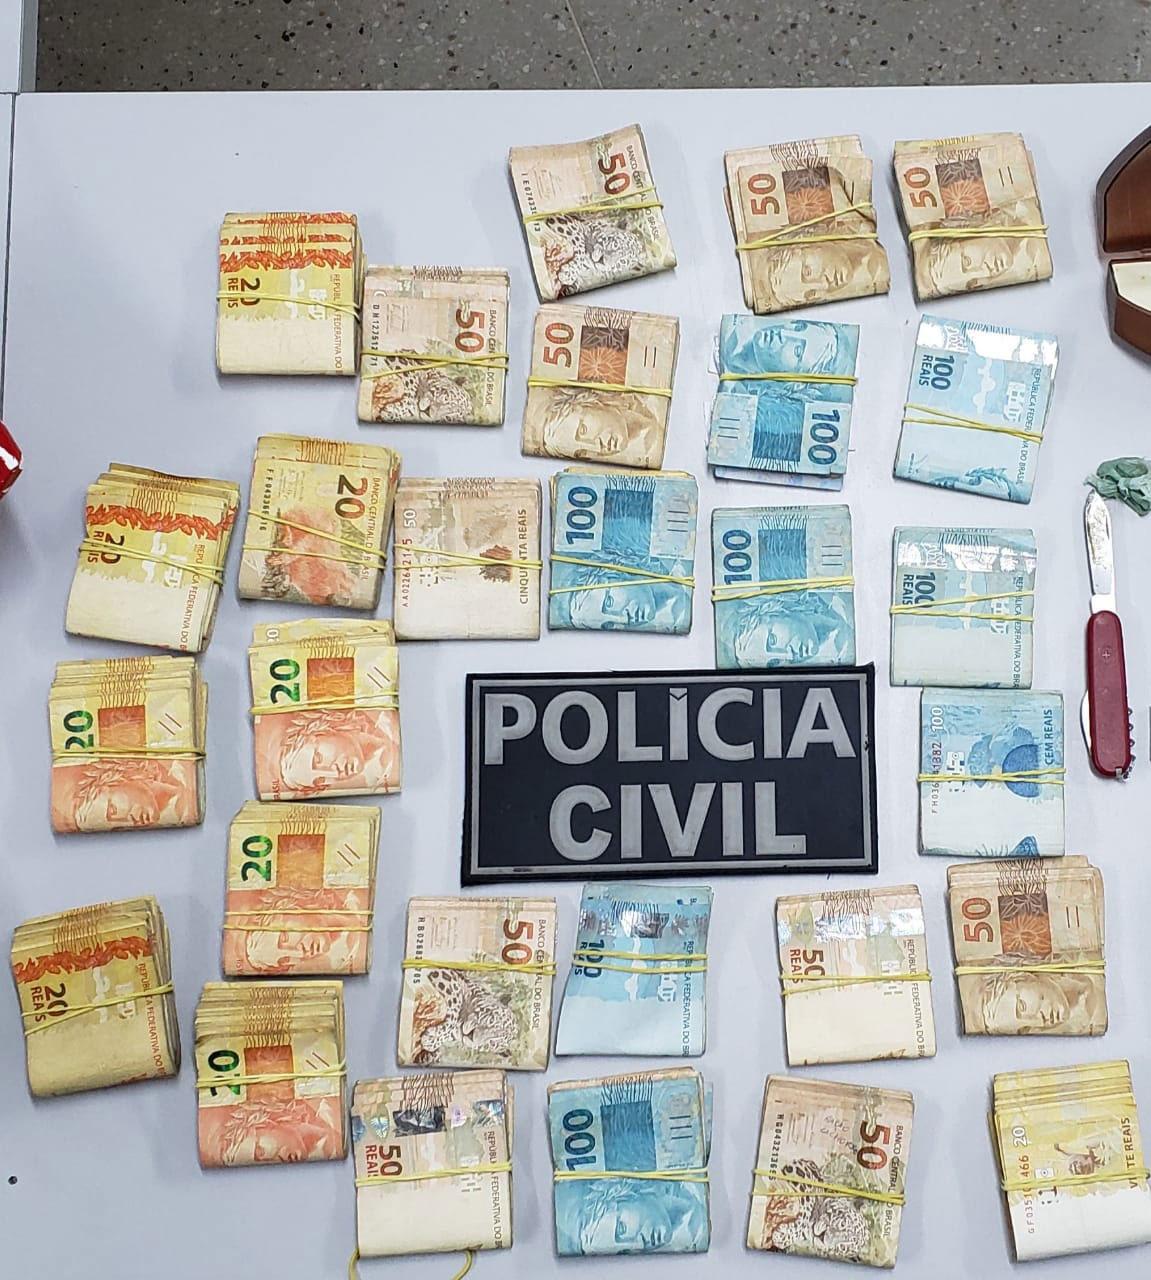 Drogas, celulares, balança de precisão, notebook e a quantia de R$ 27.000,000 foram apreendidos pelos agentes civis na manhã desta sexta-feira